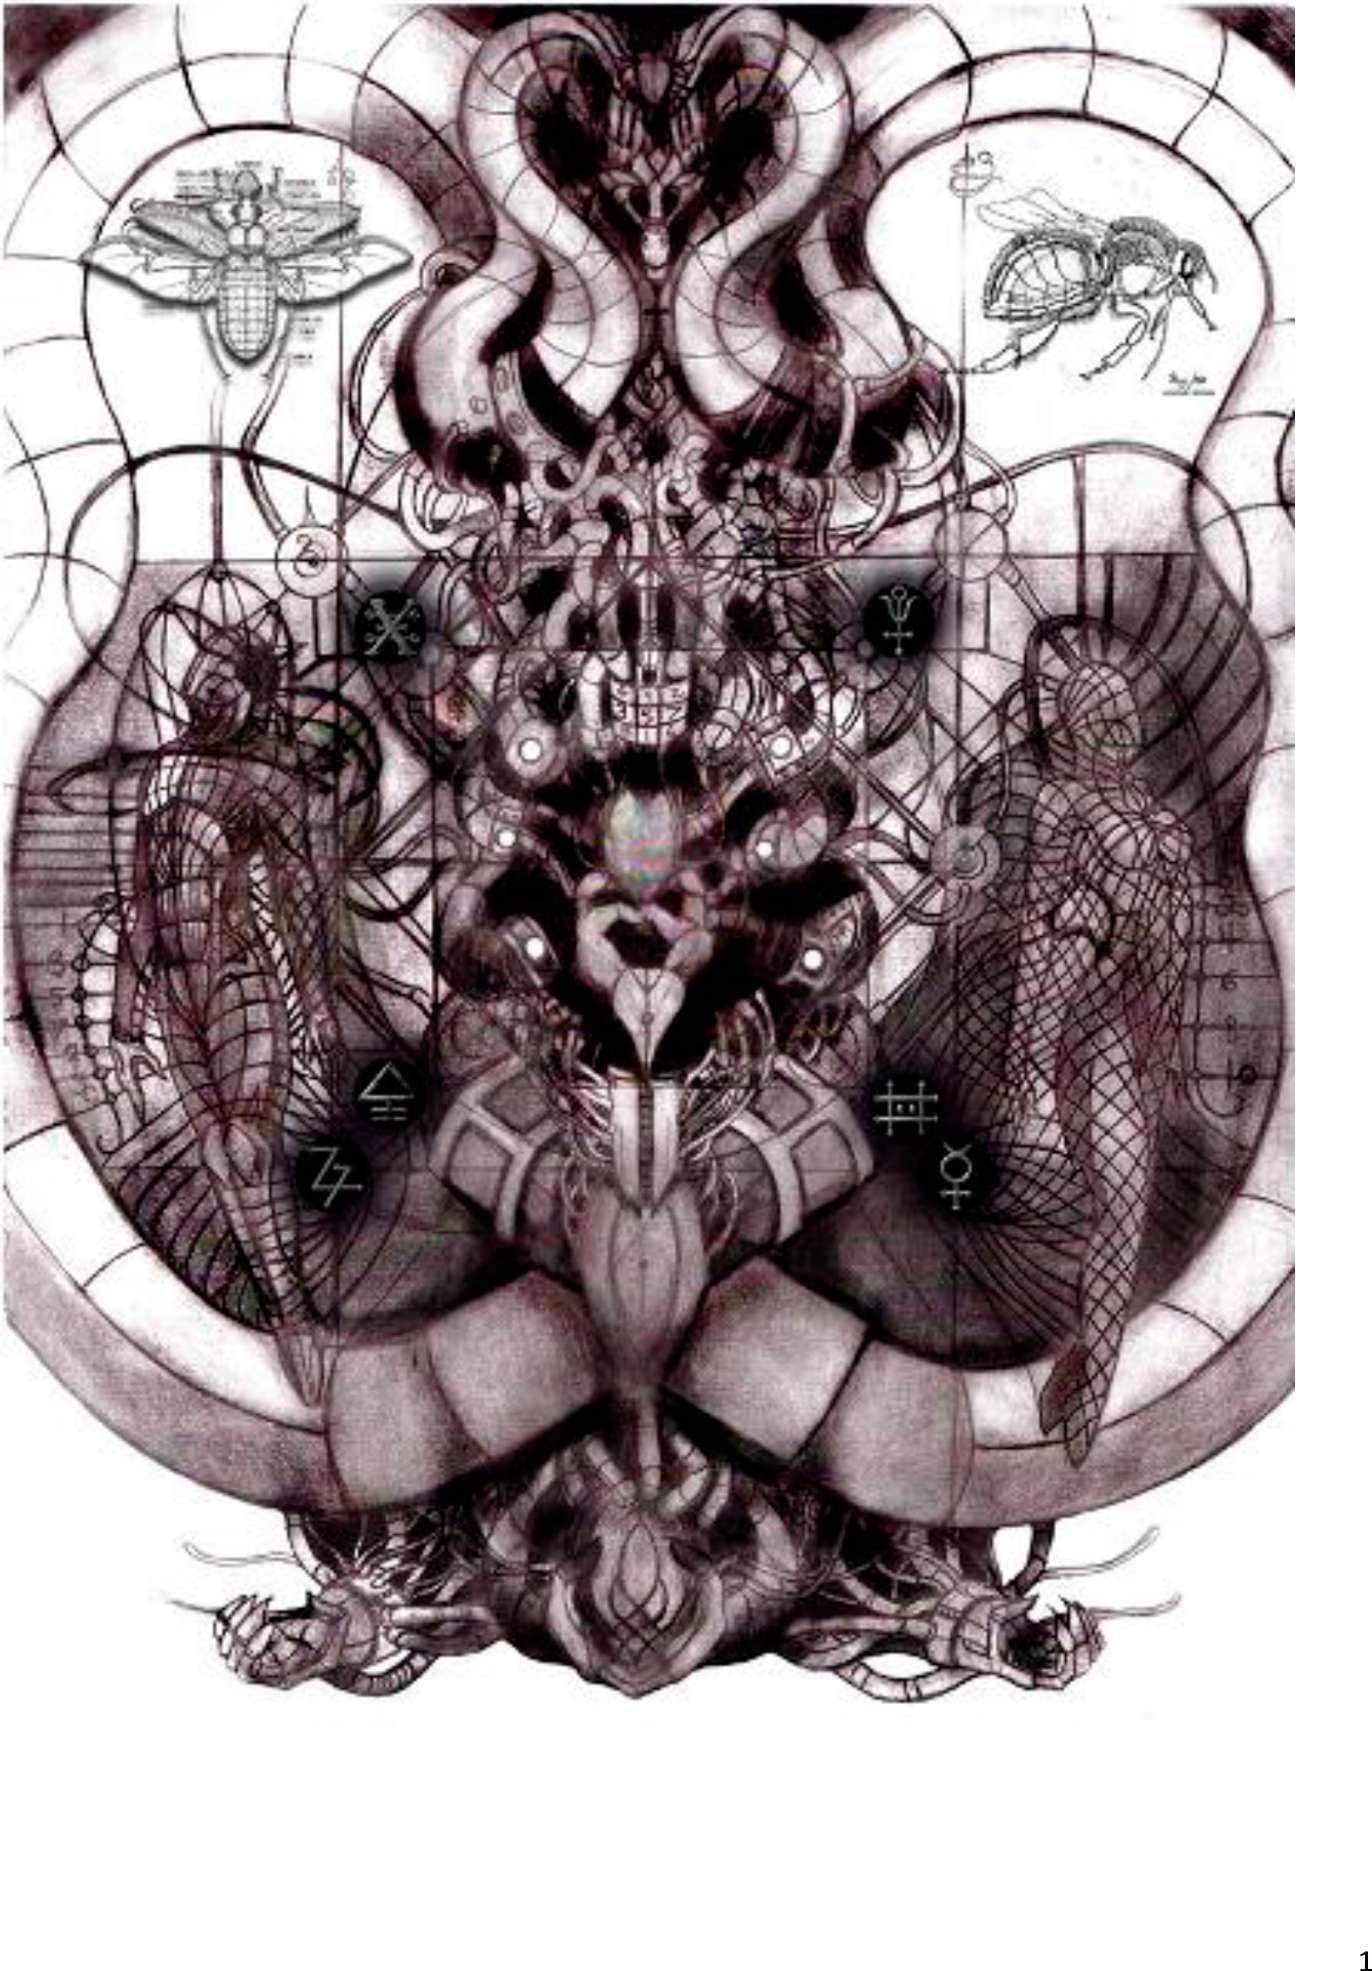 Ардэт - сотворение вампира